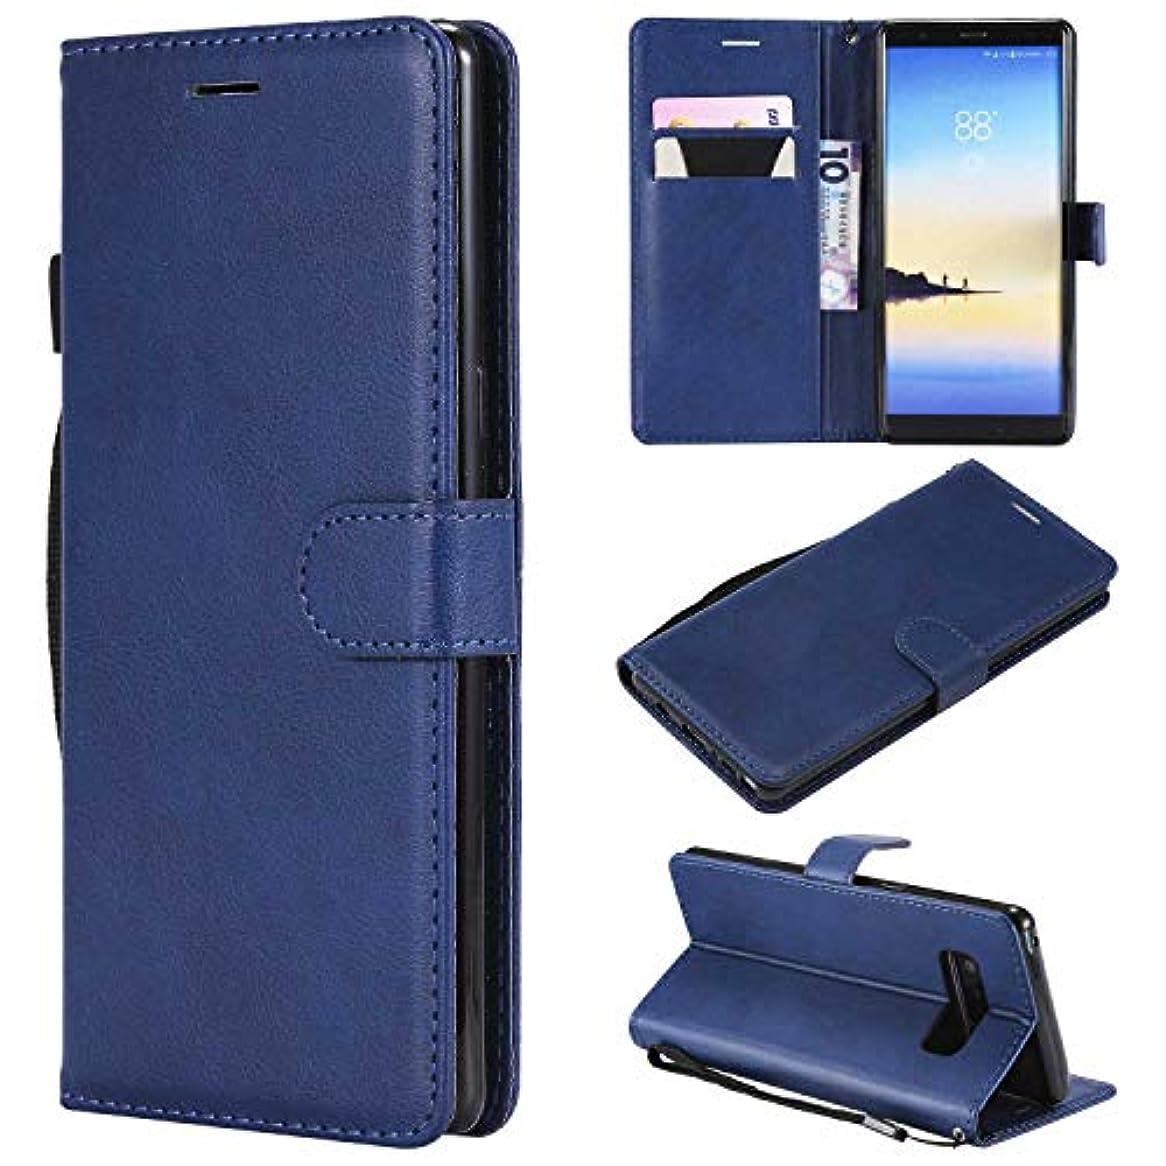 困難サルベージ法廷Galaxy Note 8 ケース手帳型 OMATENTI レザー 革 薄型 手帳型カバー カード入れ スタンド機能 サムスン Galaxy Note 8 おしゃれ 手帳ケース (6-ブルー)